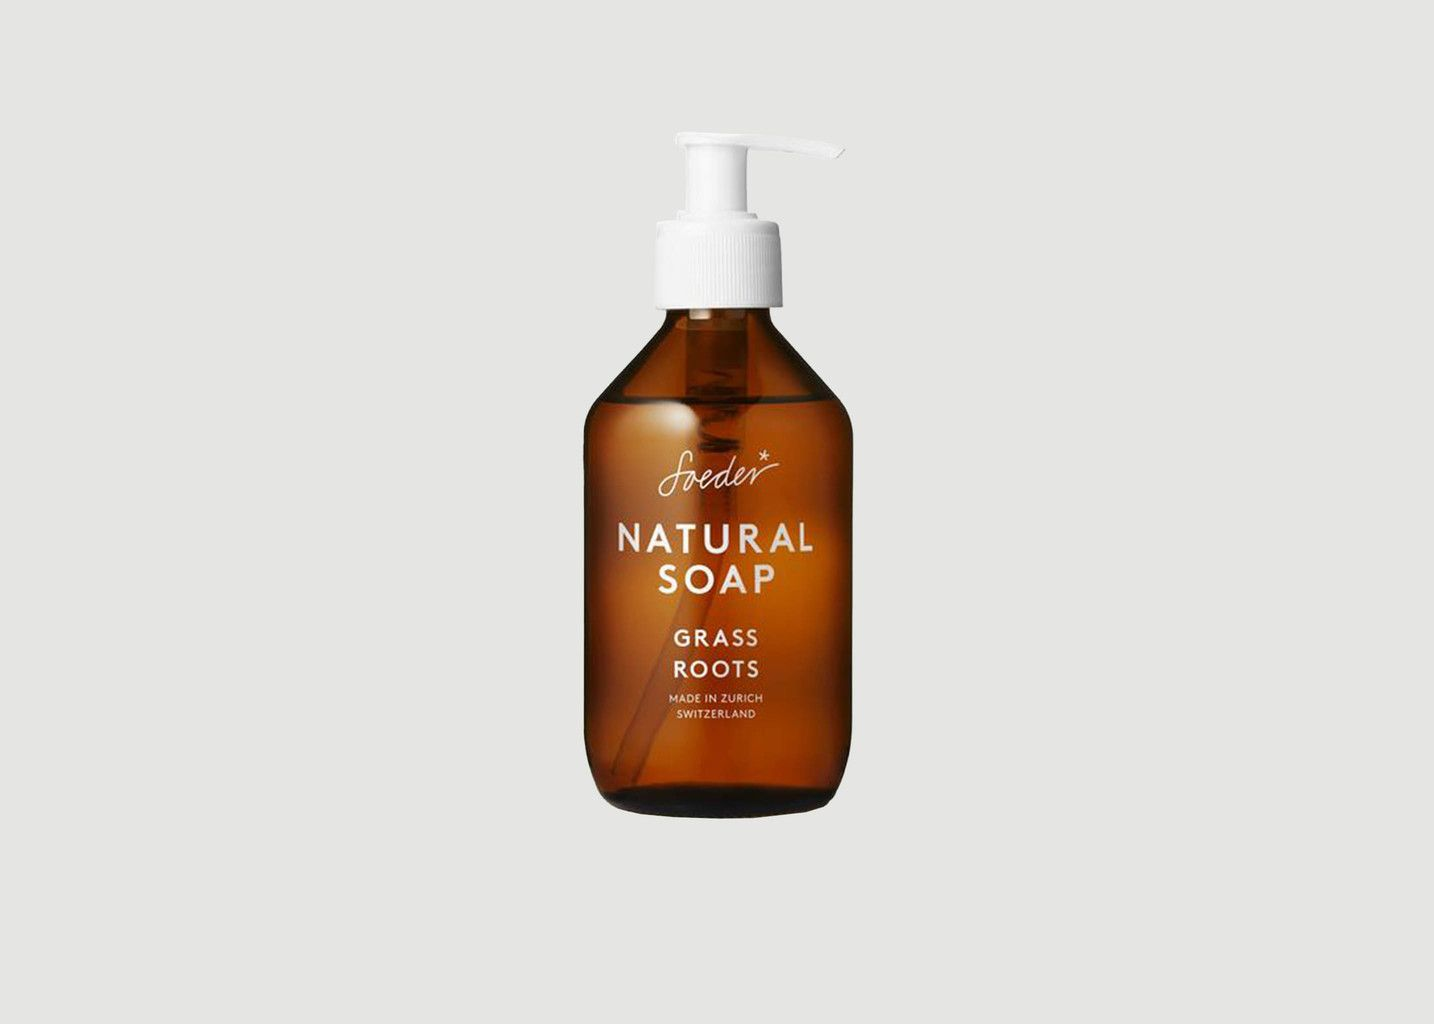 Natural Herbal Soap 250ml - Soeder